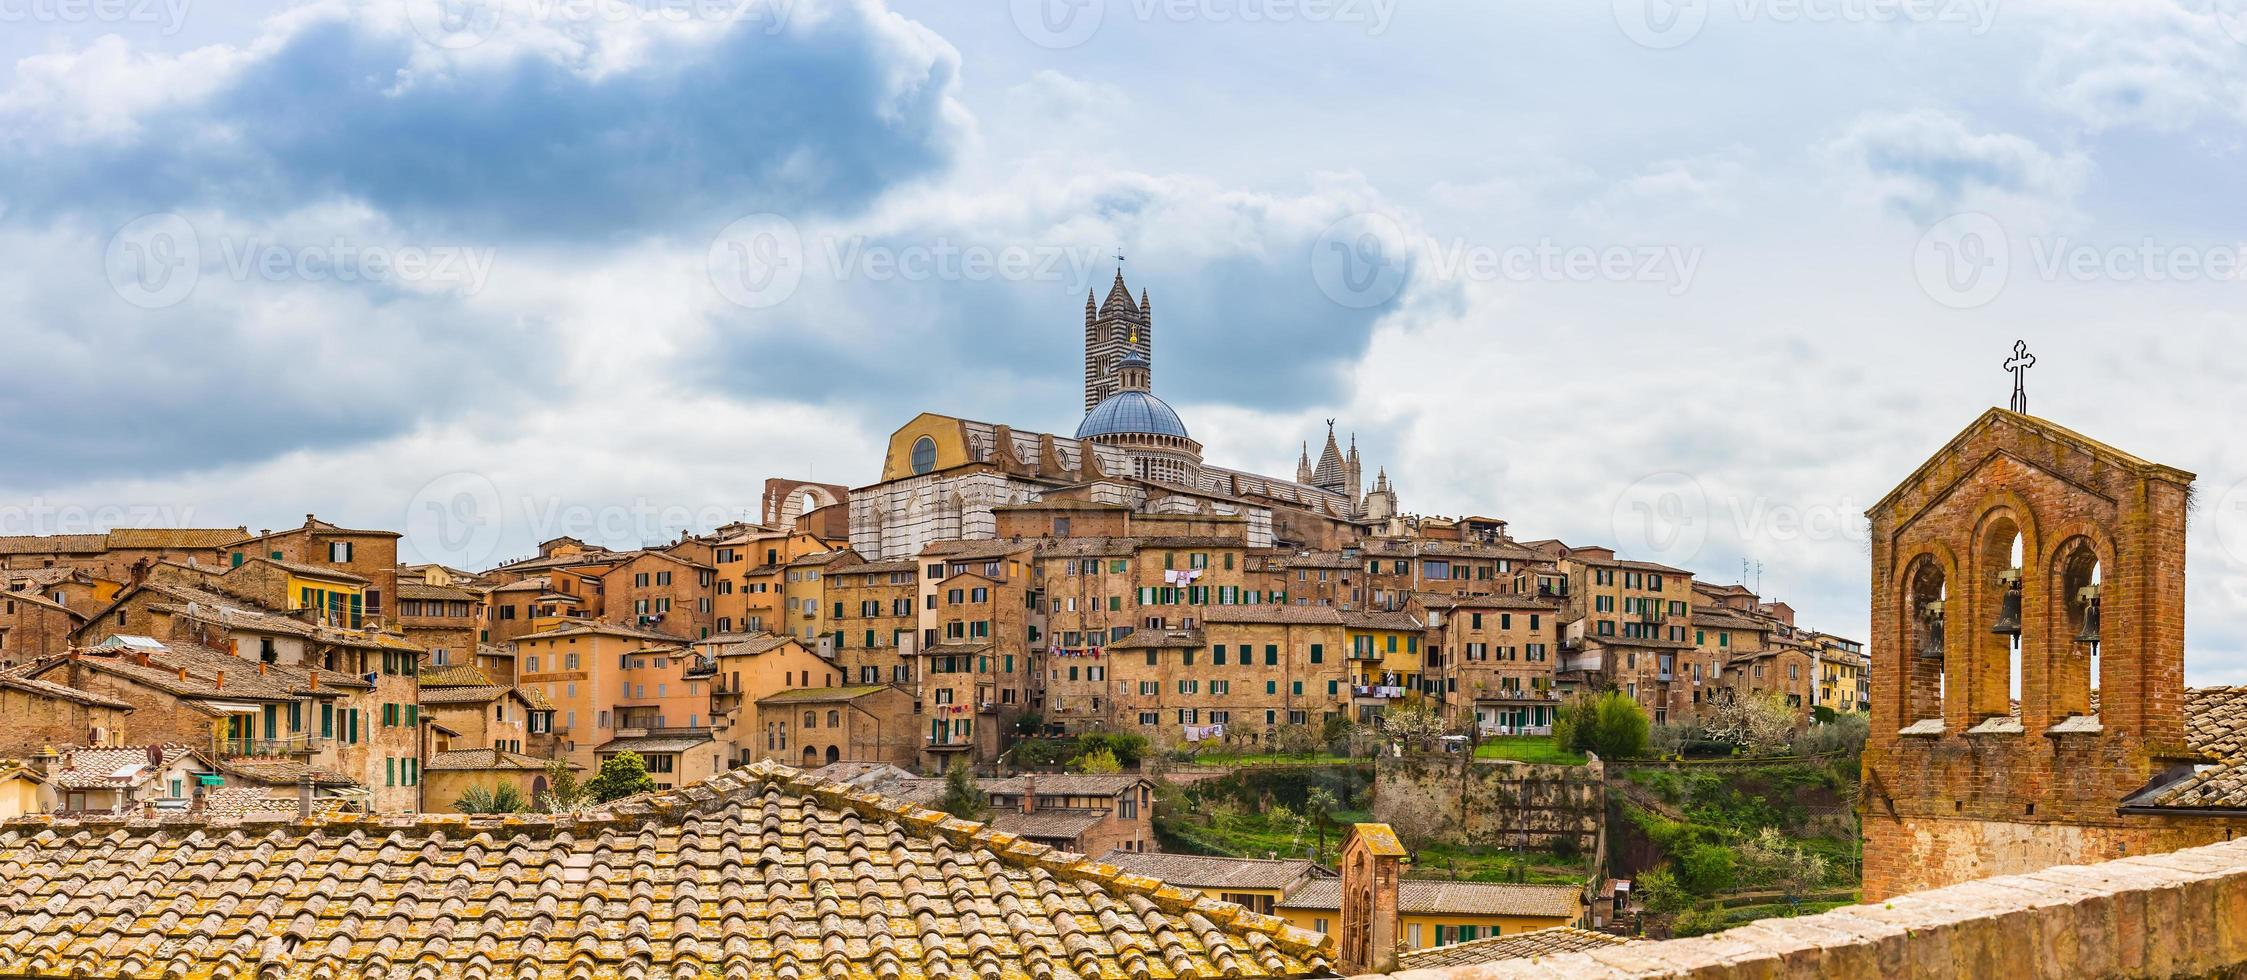 Vista panorámica de Siena, en el sur de Toscana, Italia foto